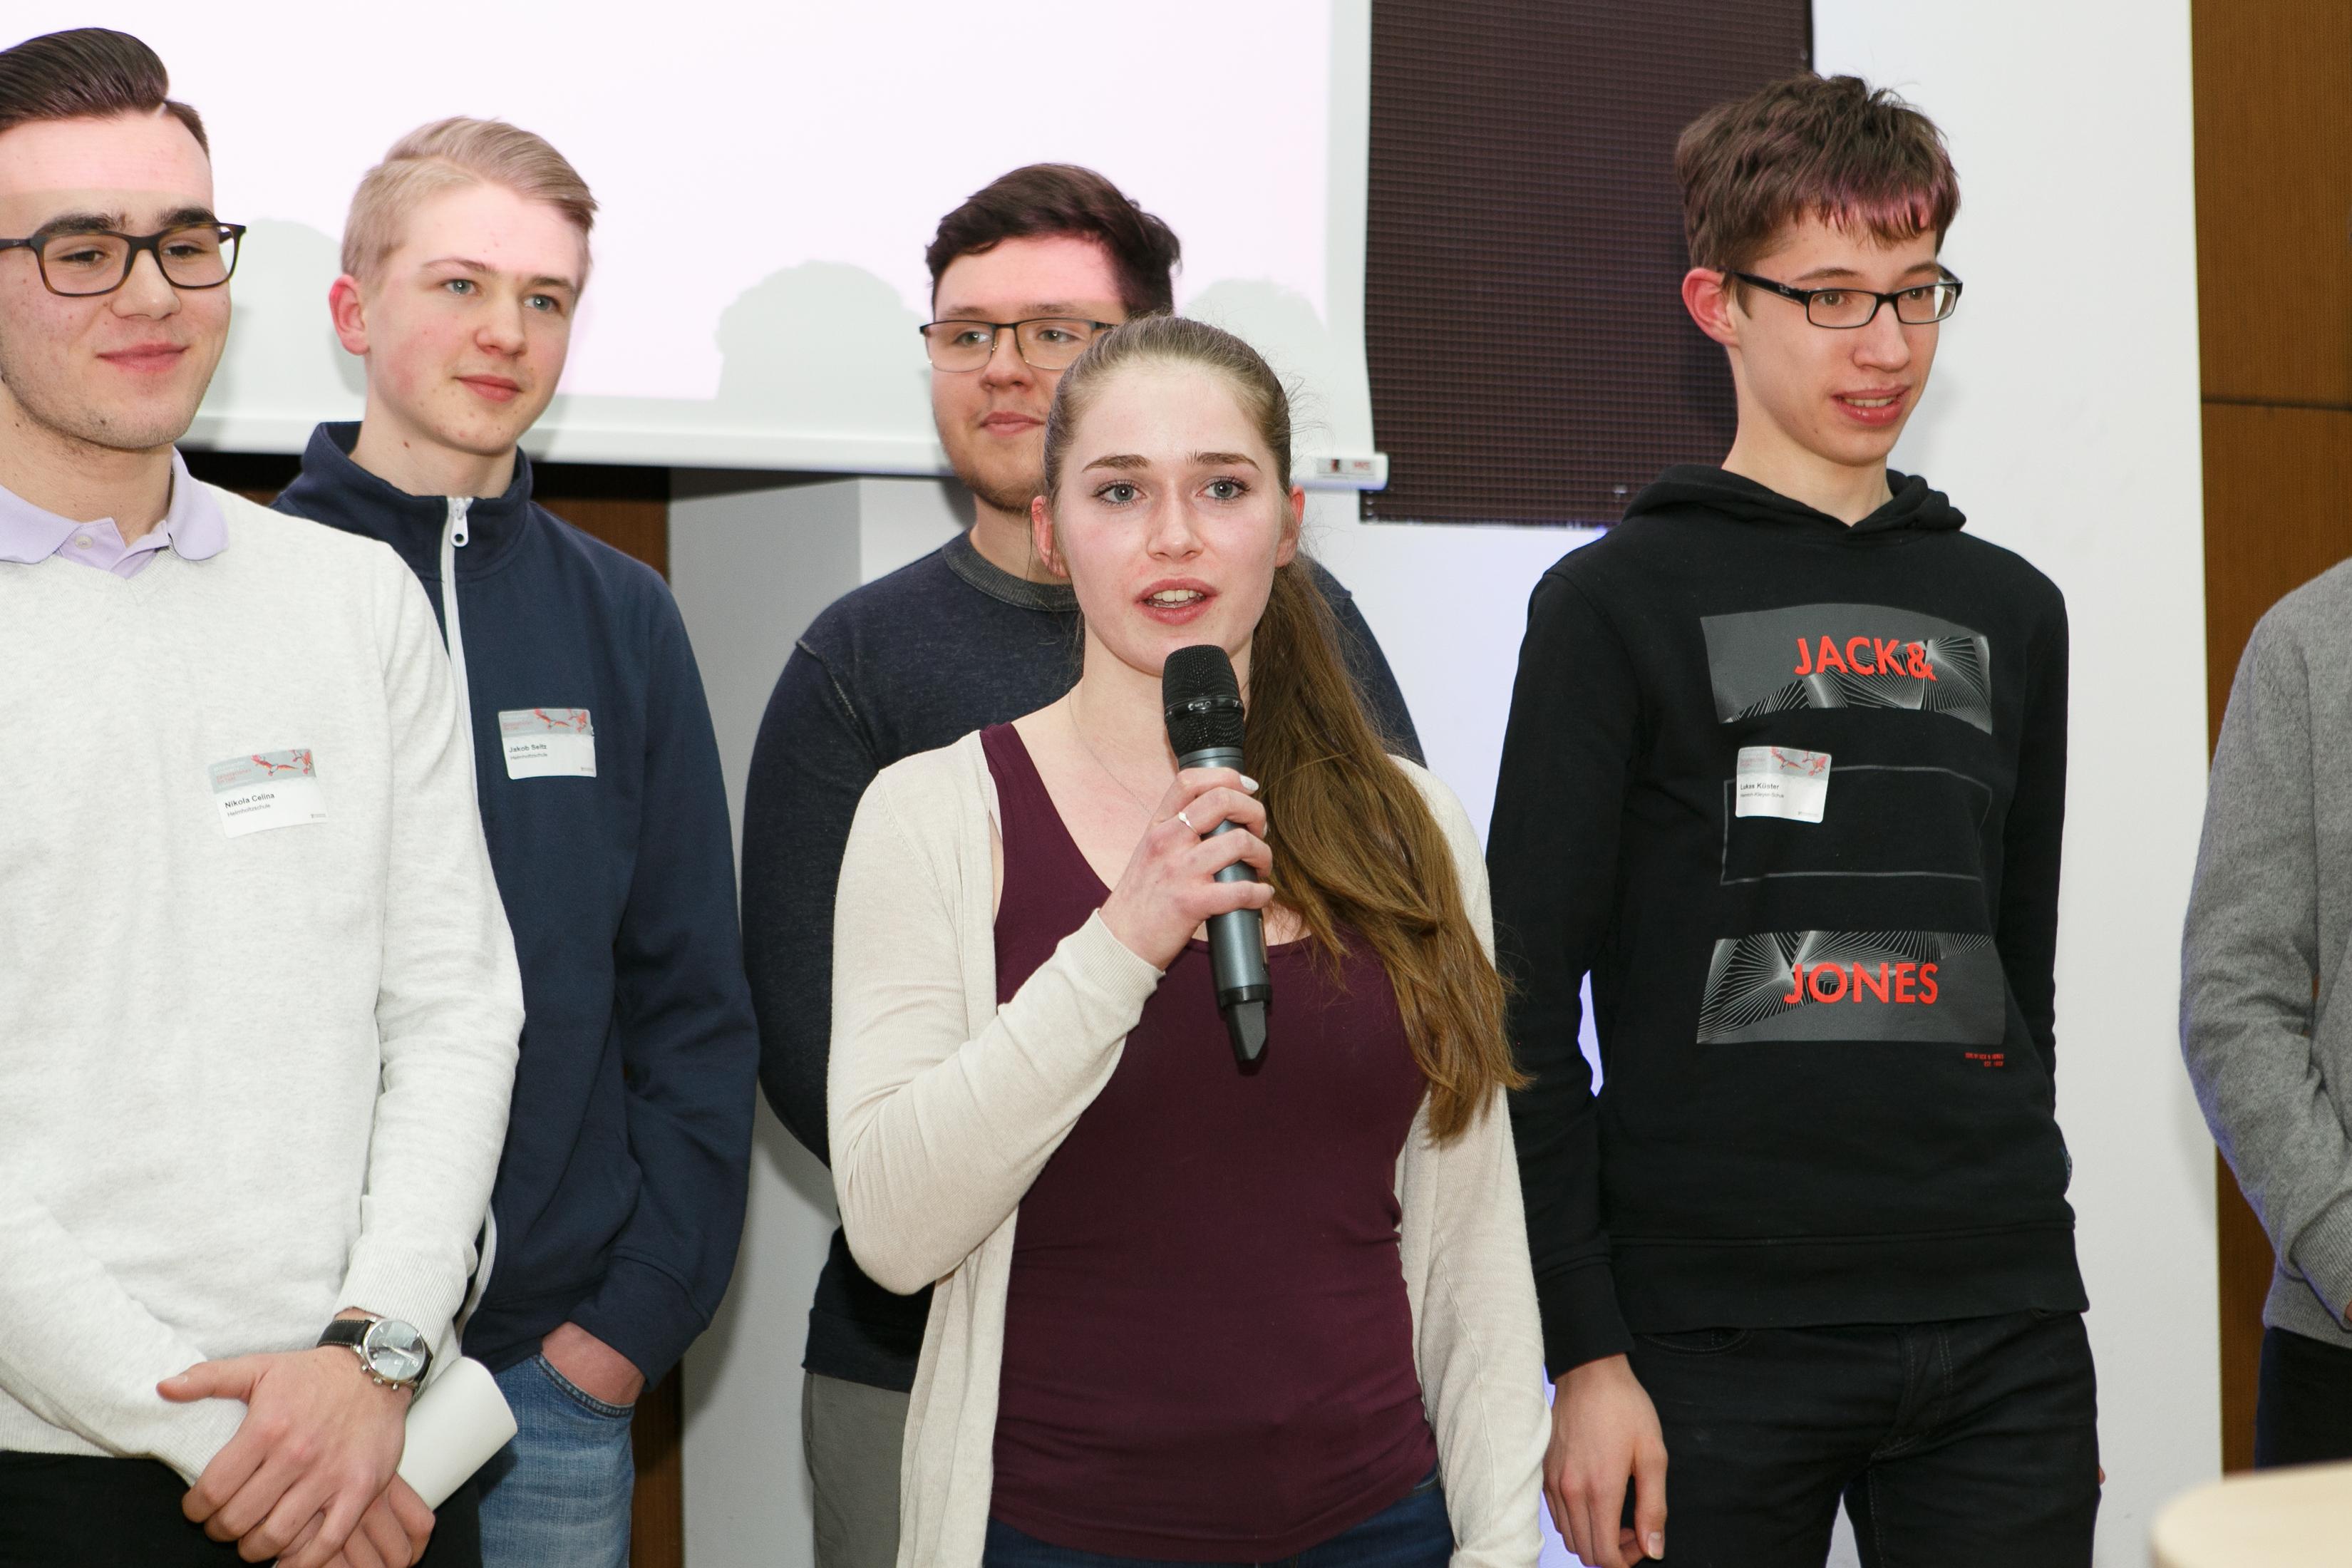 Goldfischcheck mit der Heinrich-Kleyer-Schule, Helm-Holz-Schule, Liebig-Schule, Schiller-Schule, Ernst-Reuter-Schule 1 und Georg-Kerschensteiner-Schule